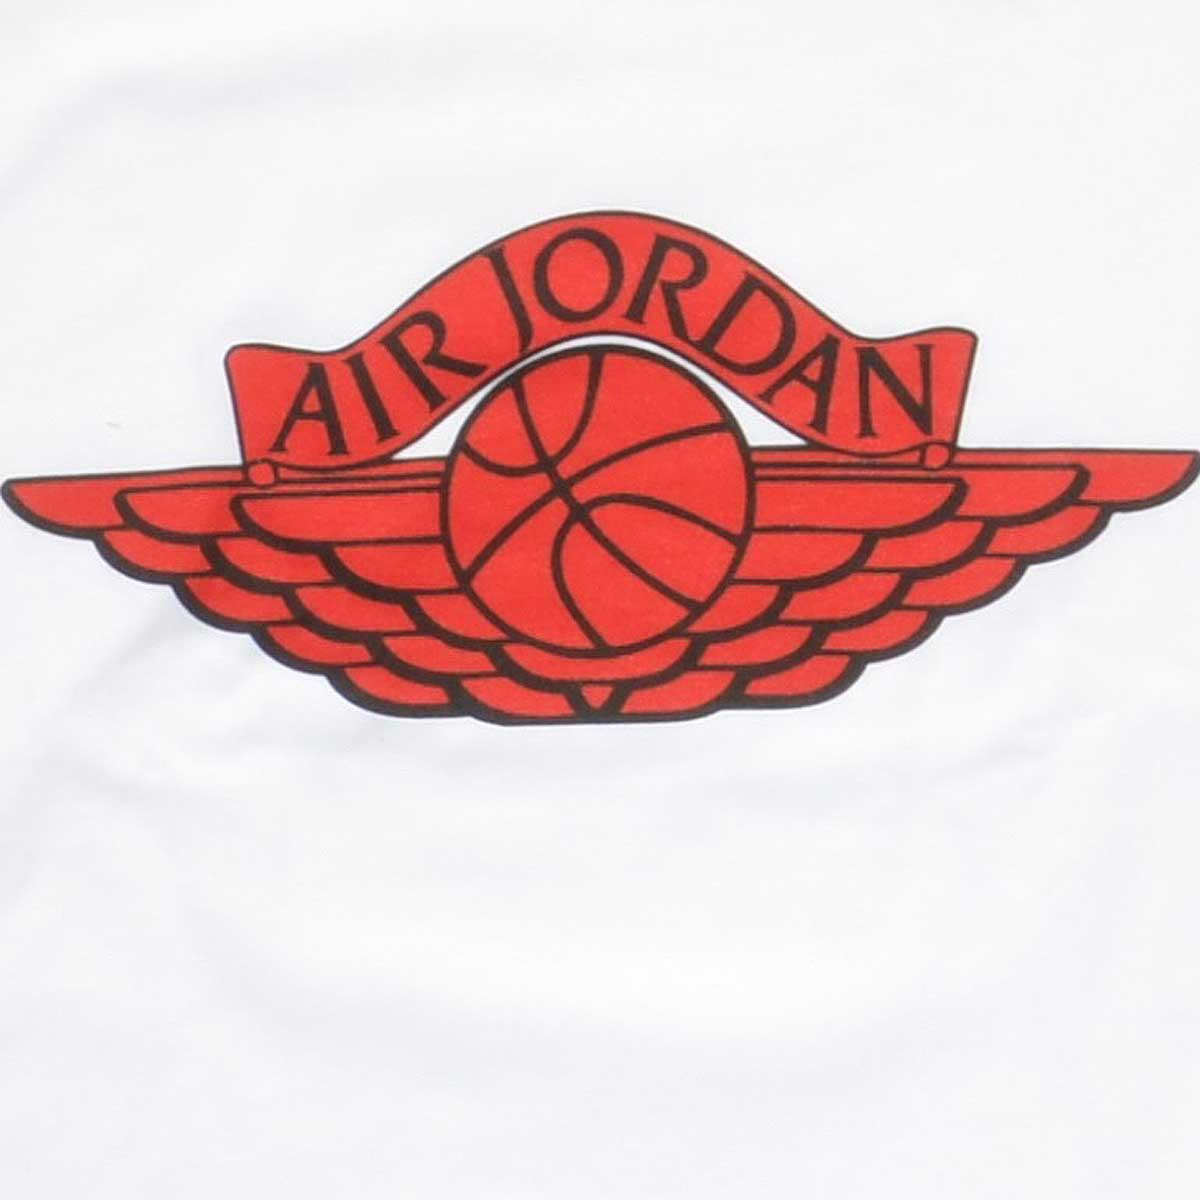 Air jordan wings Logos.